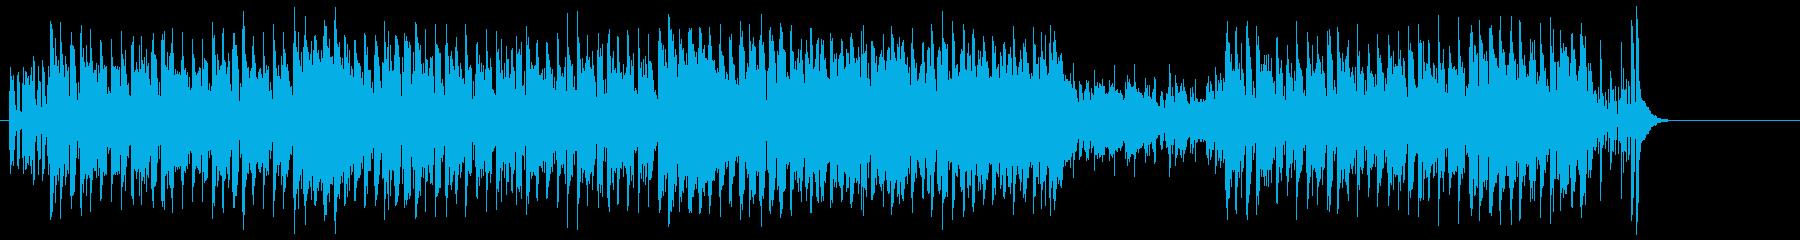 日差し眩しいフルバンド風カリビアンの再生済みの波形